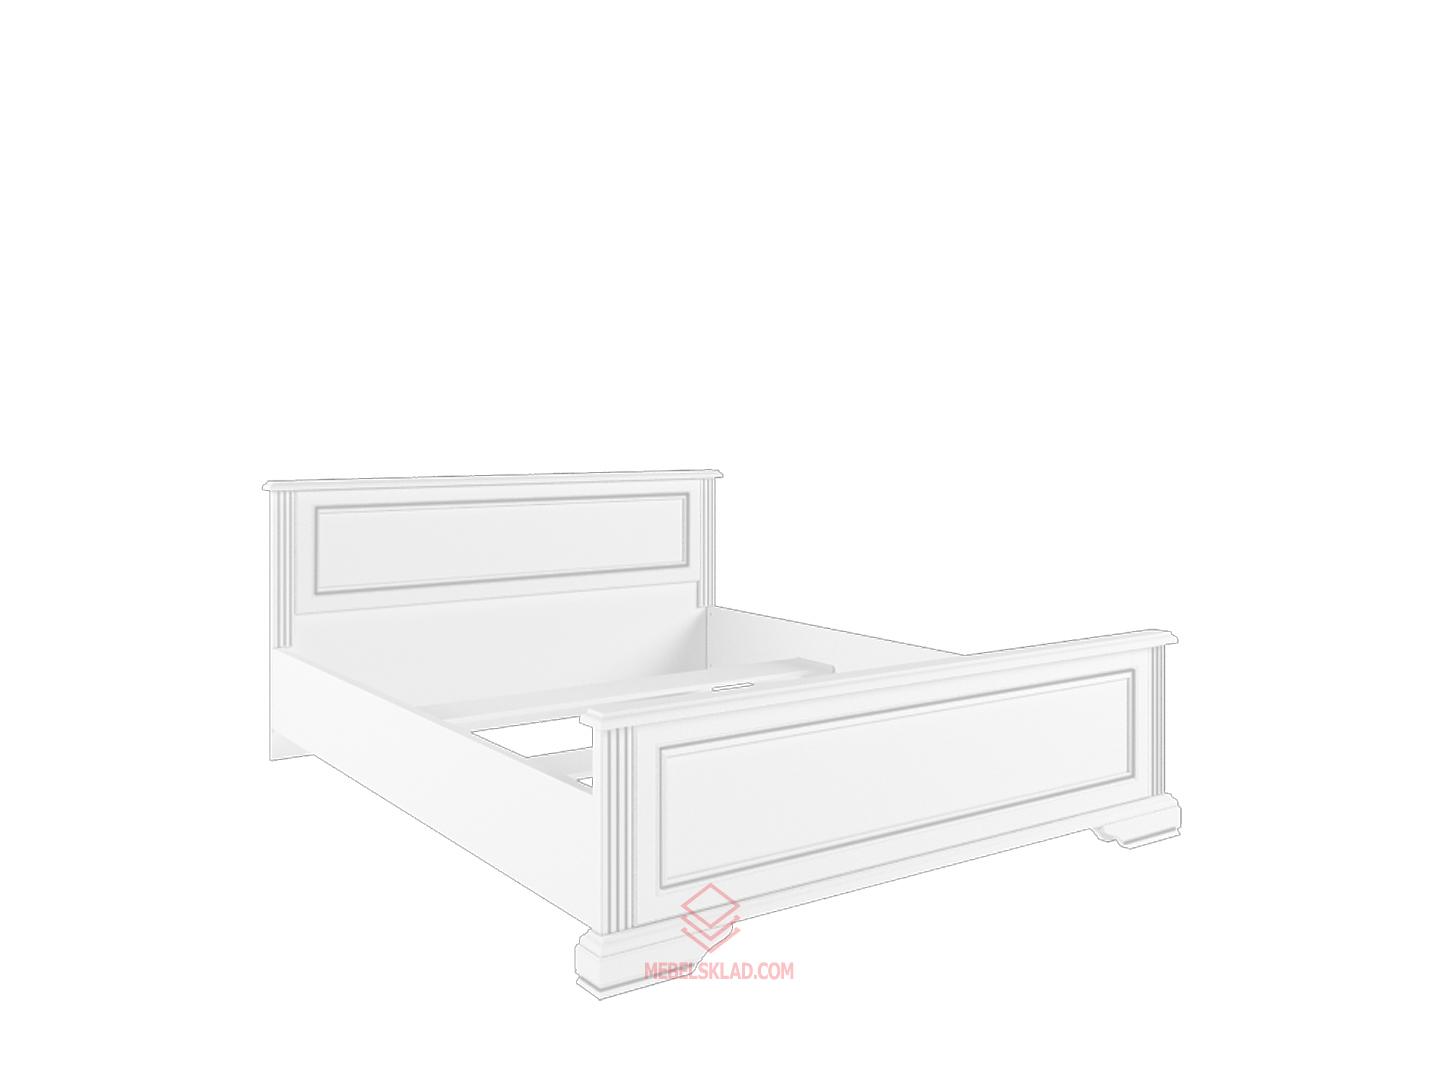 Кровать с металлическим основанием LOZ160х200 сосна серебряная ВАЙТ за 20763 ₽